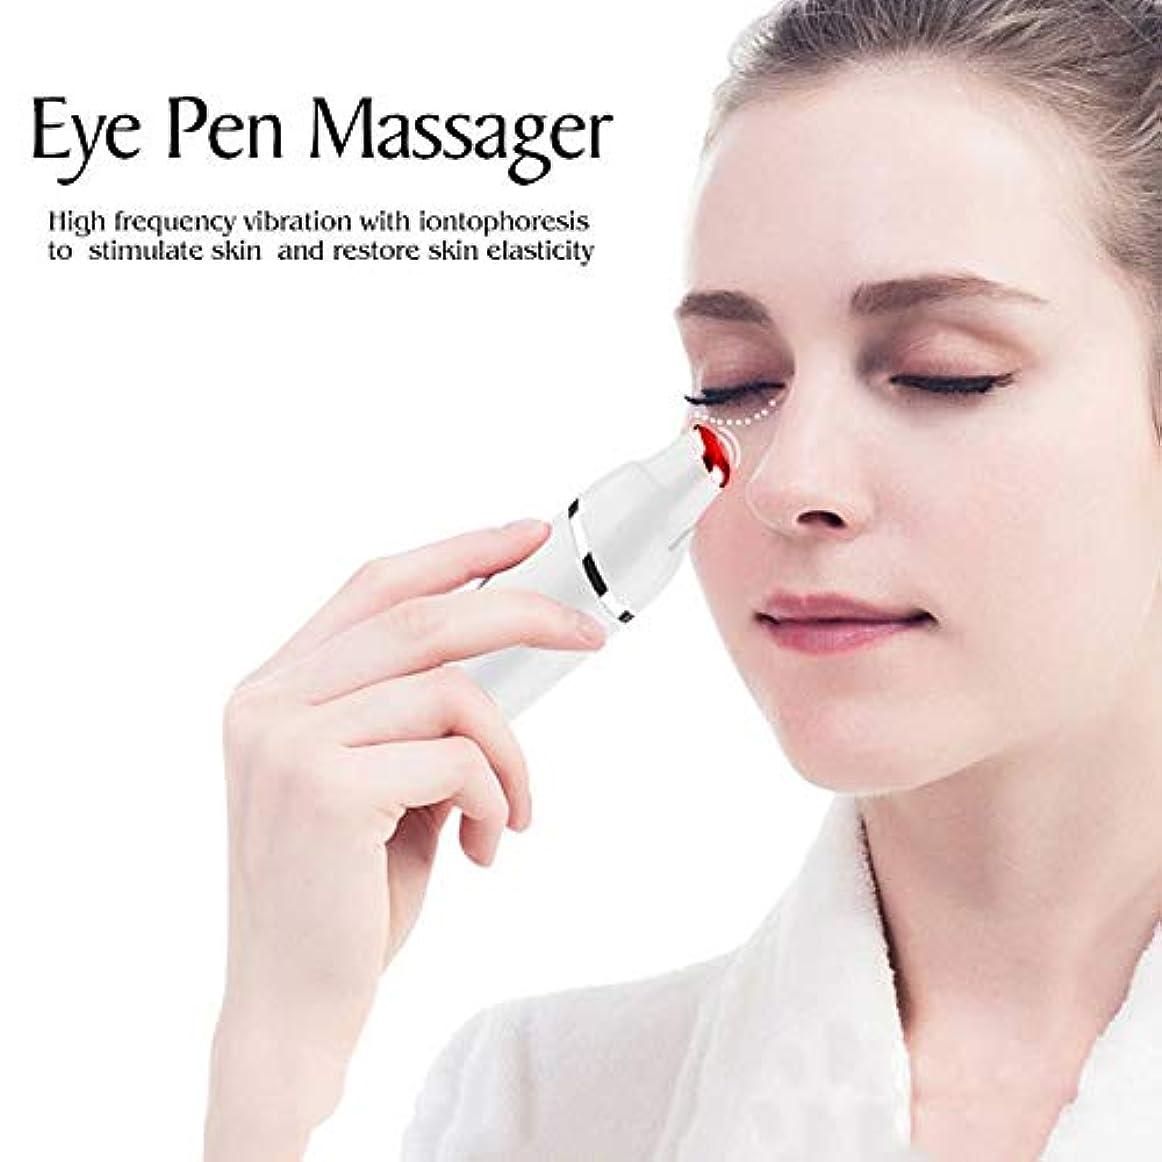 崖神経デュアルソニックアイマッサージャー、目の疲れのための42℃加熱治療用ワンド、アイクリームを効果的に促進するためのアニオンの輸入